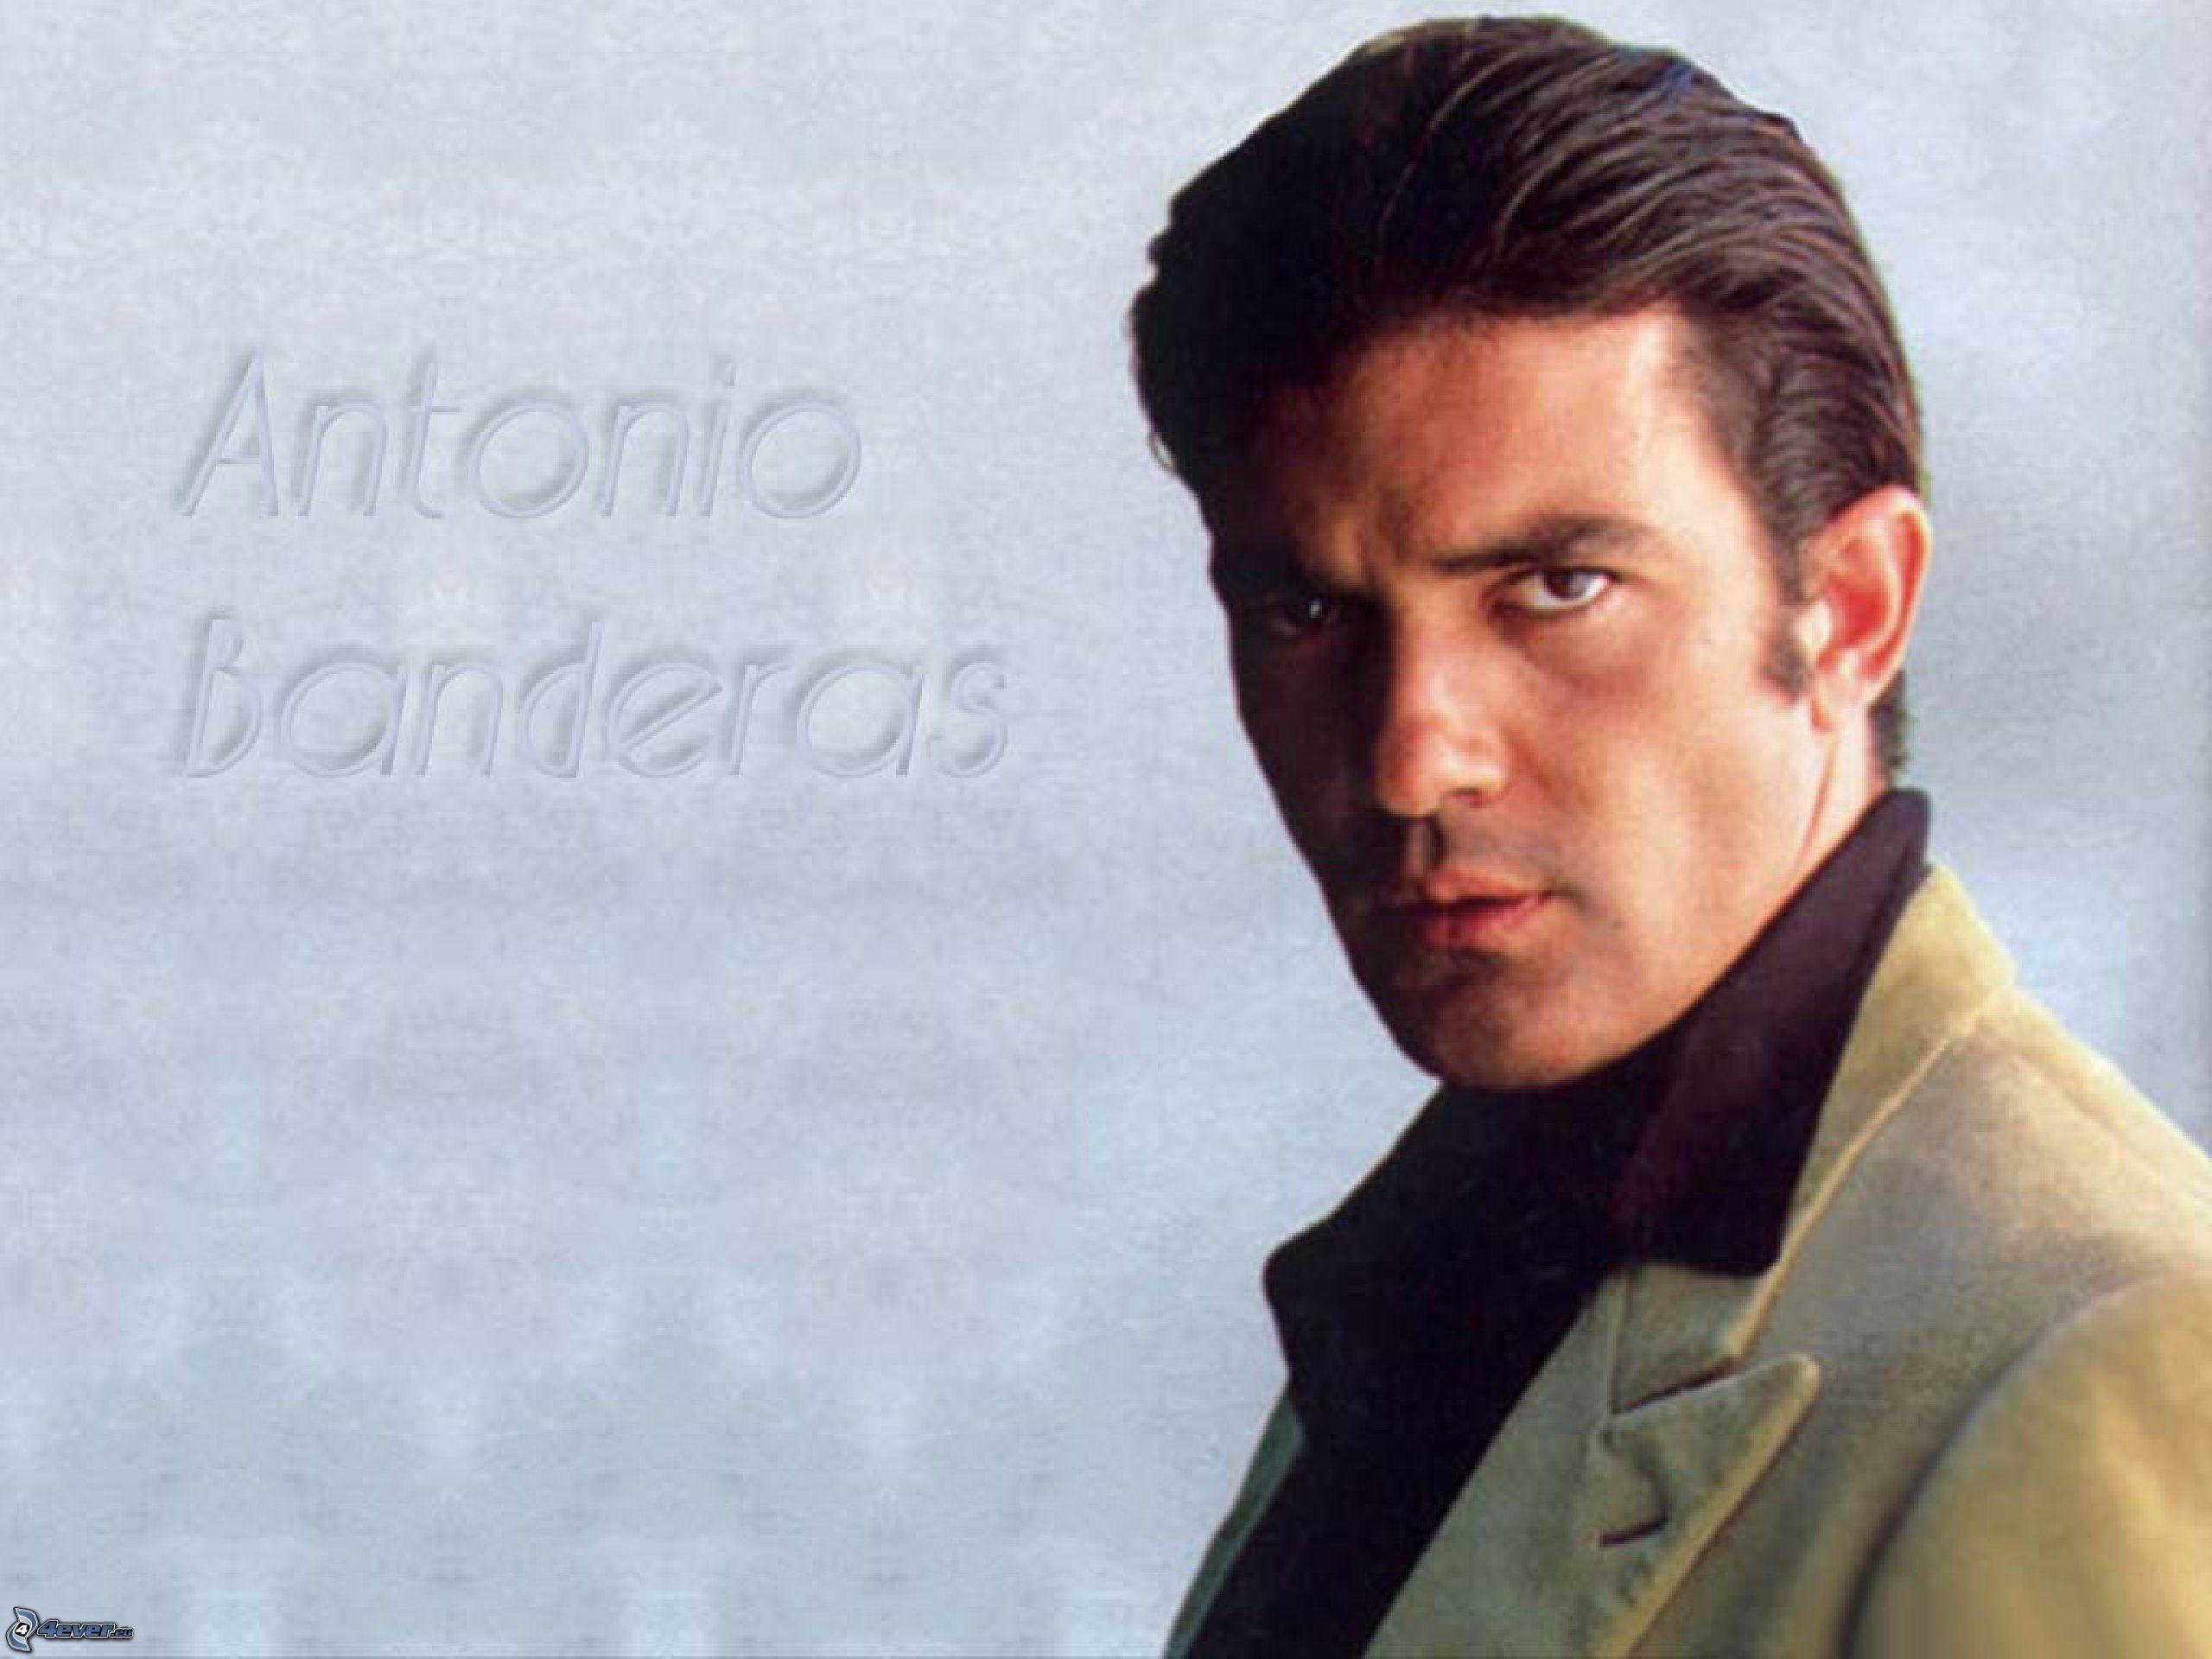 Antonio Banderas Action HD Wallpapers Free Download